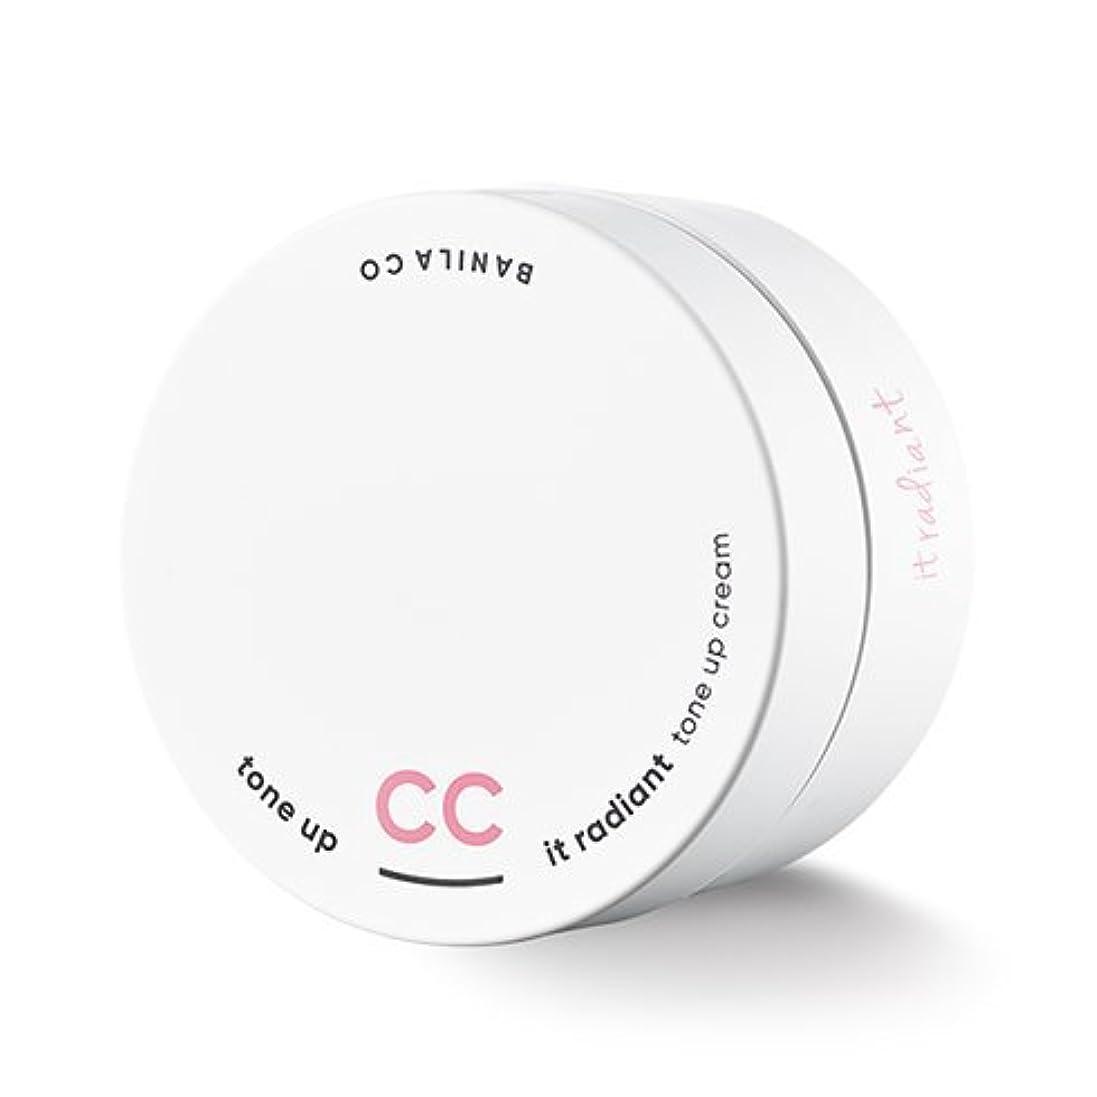 キャンドル警察署朝ごはんBANILA CO It Radiant CC Tone Up Cream 50ml/バニラコ イット ラディアント CC トーンアップ クリーム 50ml [並行輸入品]